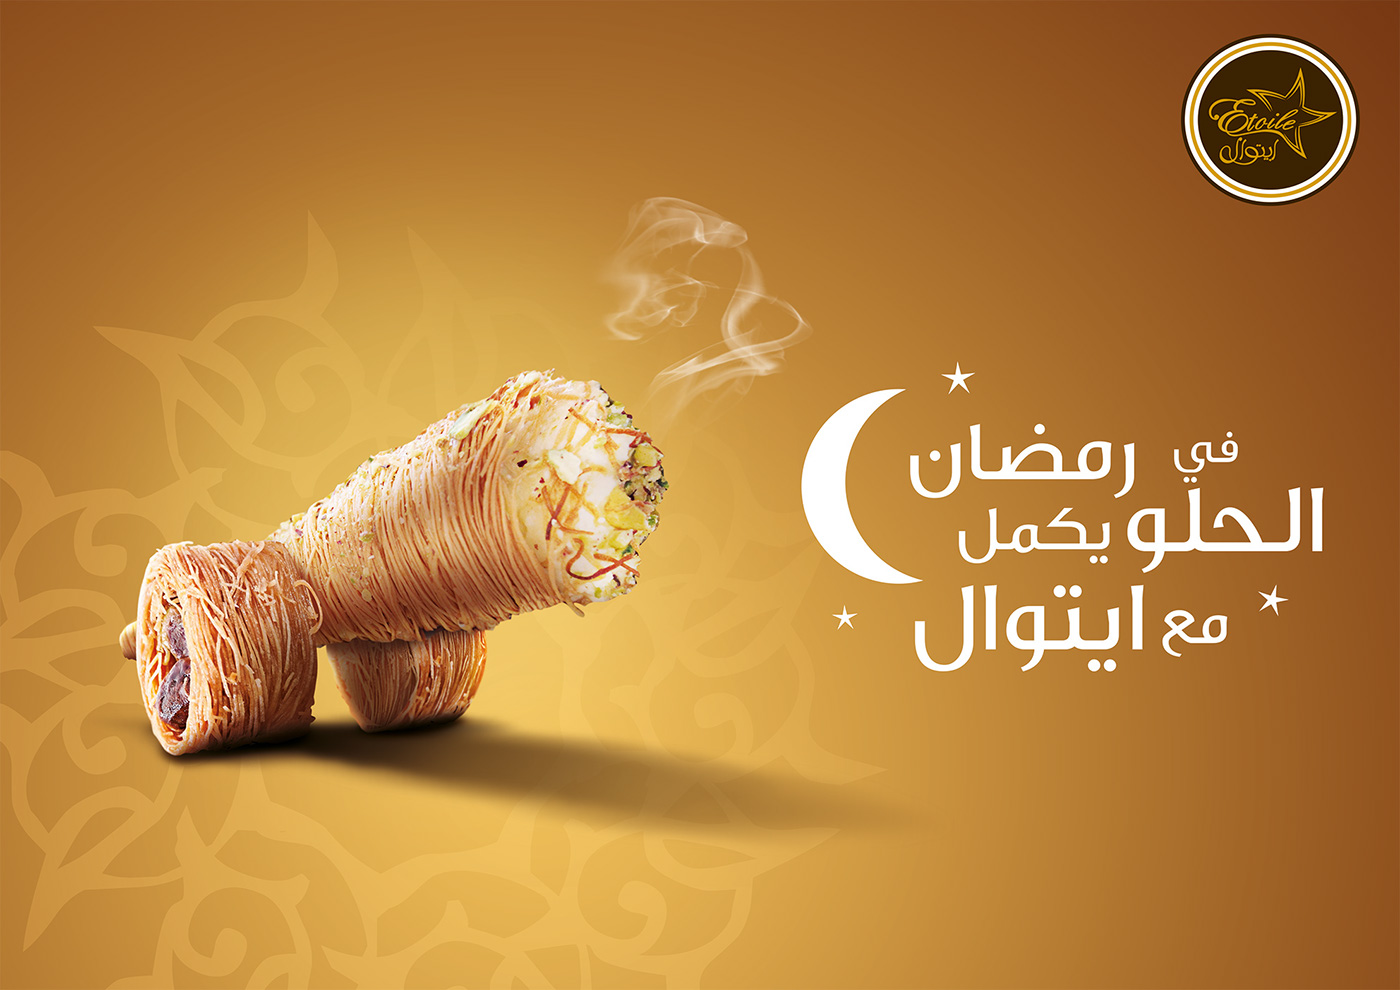 affiche-etoile-ramadan-Kenafa